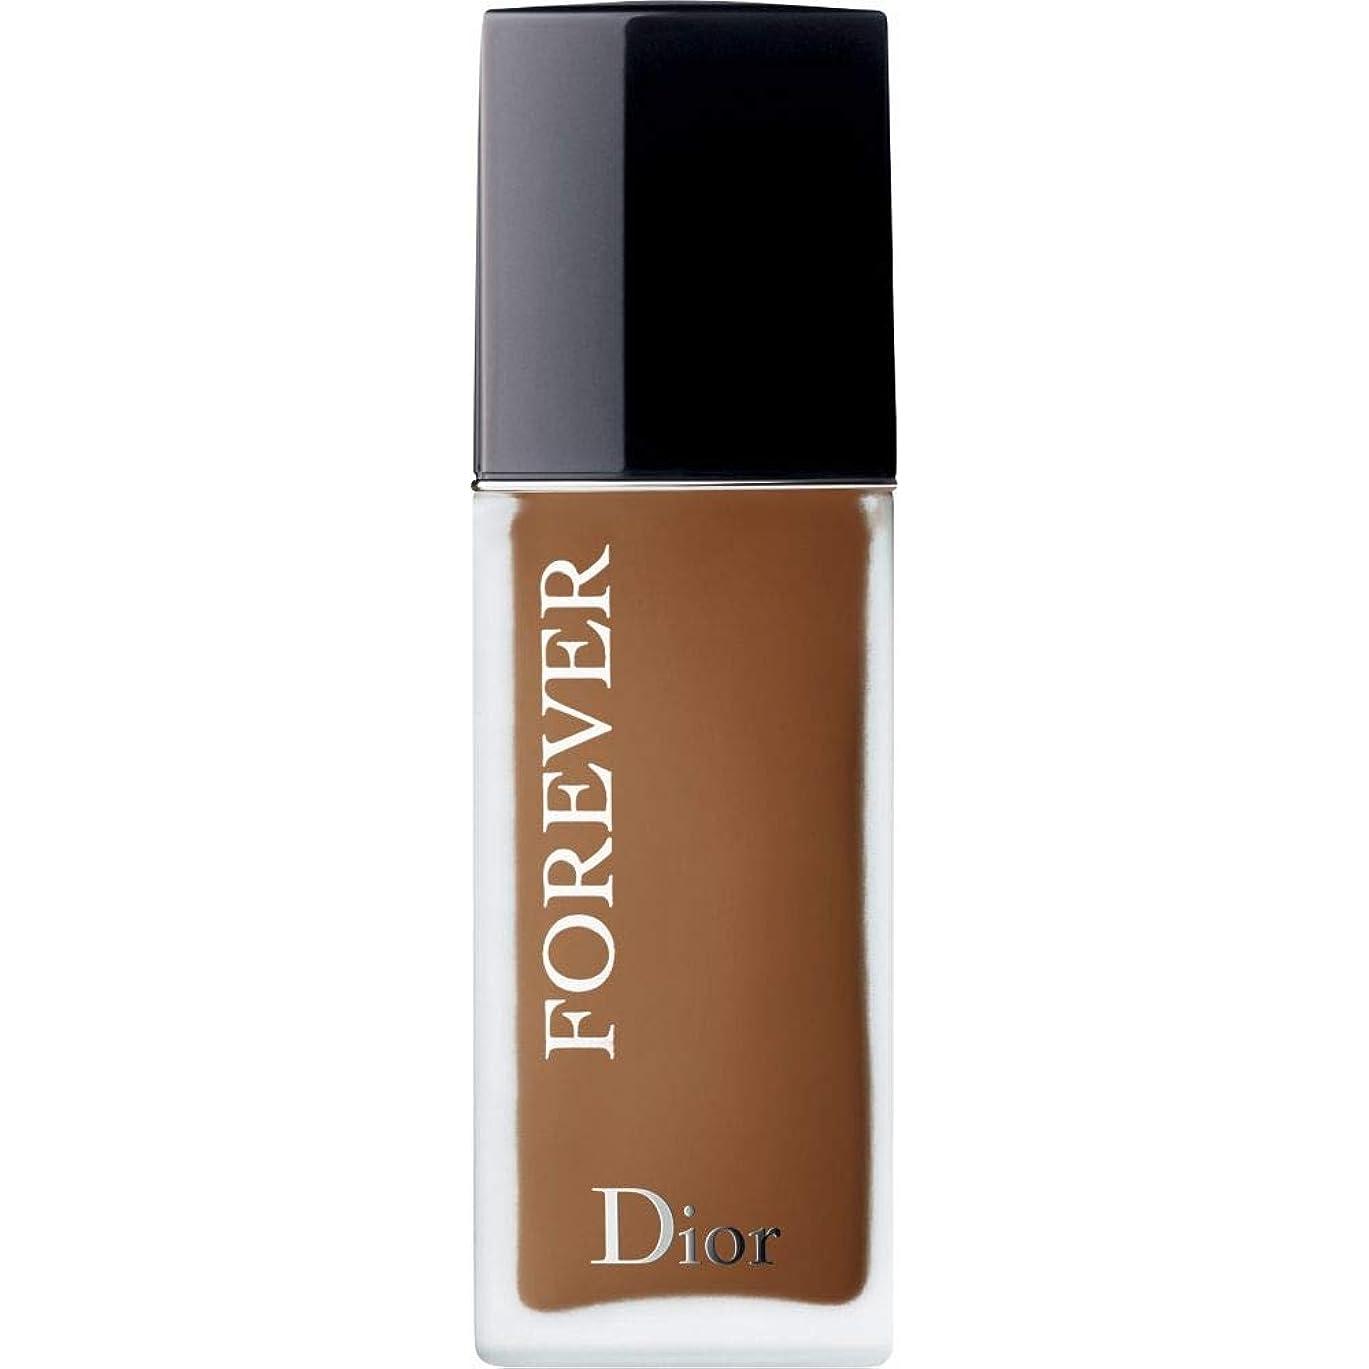 クルーズブロー委任[Dior ] ディオール永遠皮膚思いやりの基盤Spf35 30ミリリットルの7N - ニュートラル(つや消し) - DIOR Forever Skin-Caring Foundation SPF35 30ml 7N - Neutral (Matte) [並行輸入品]